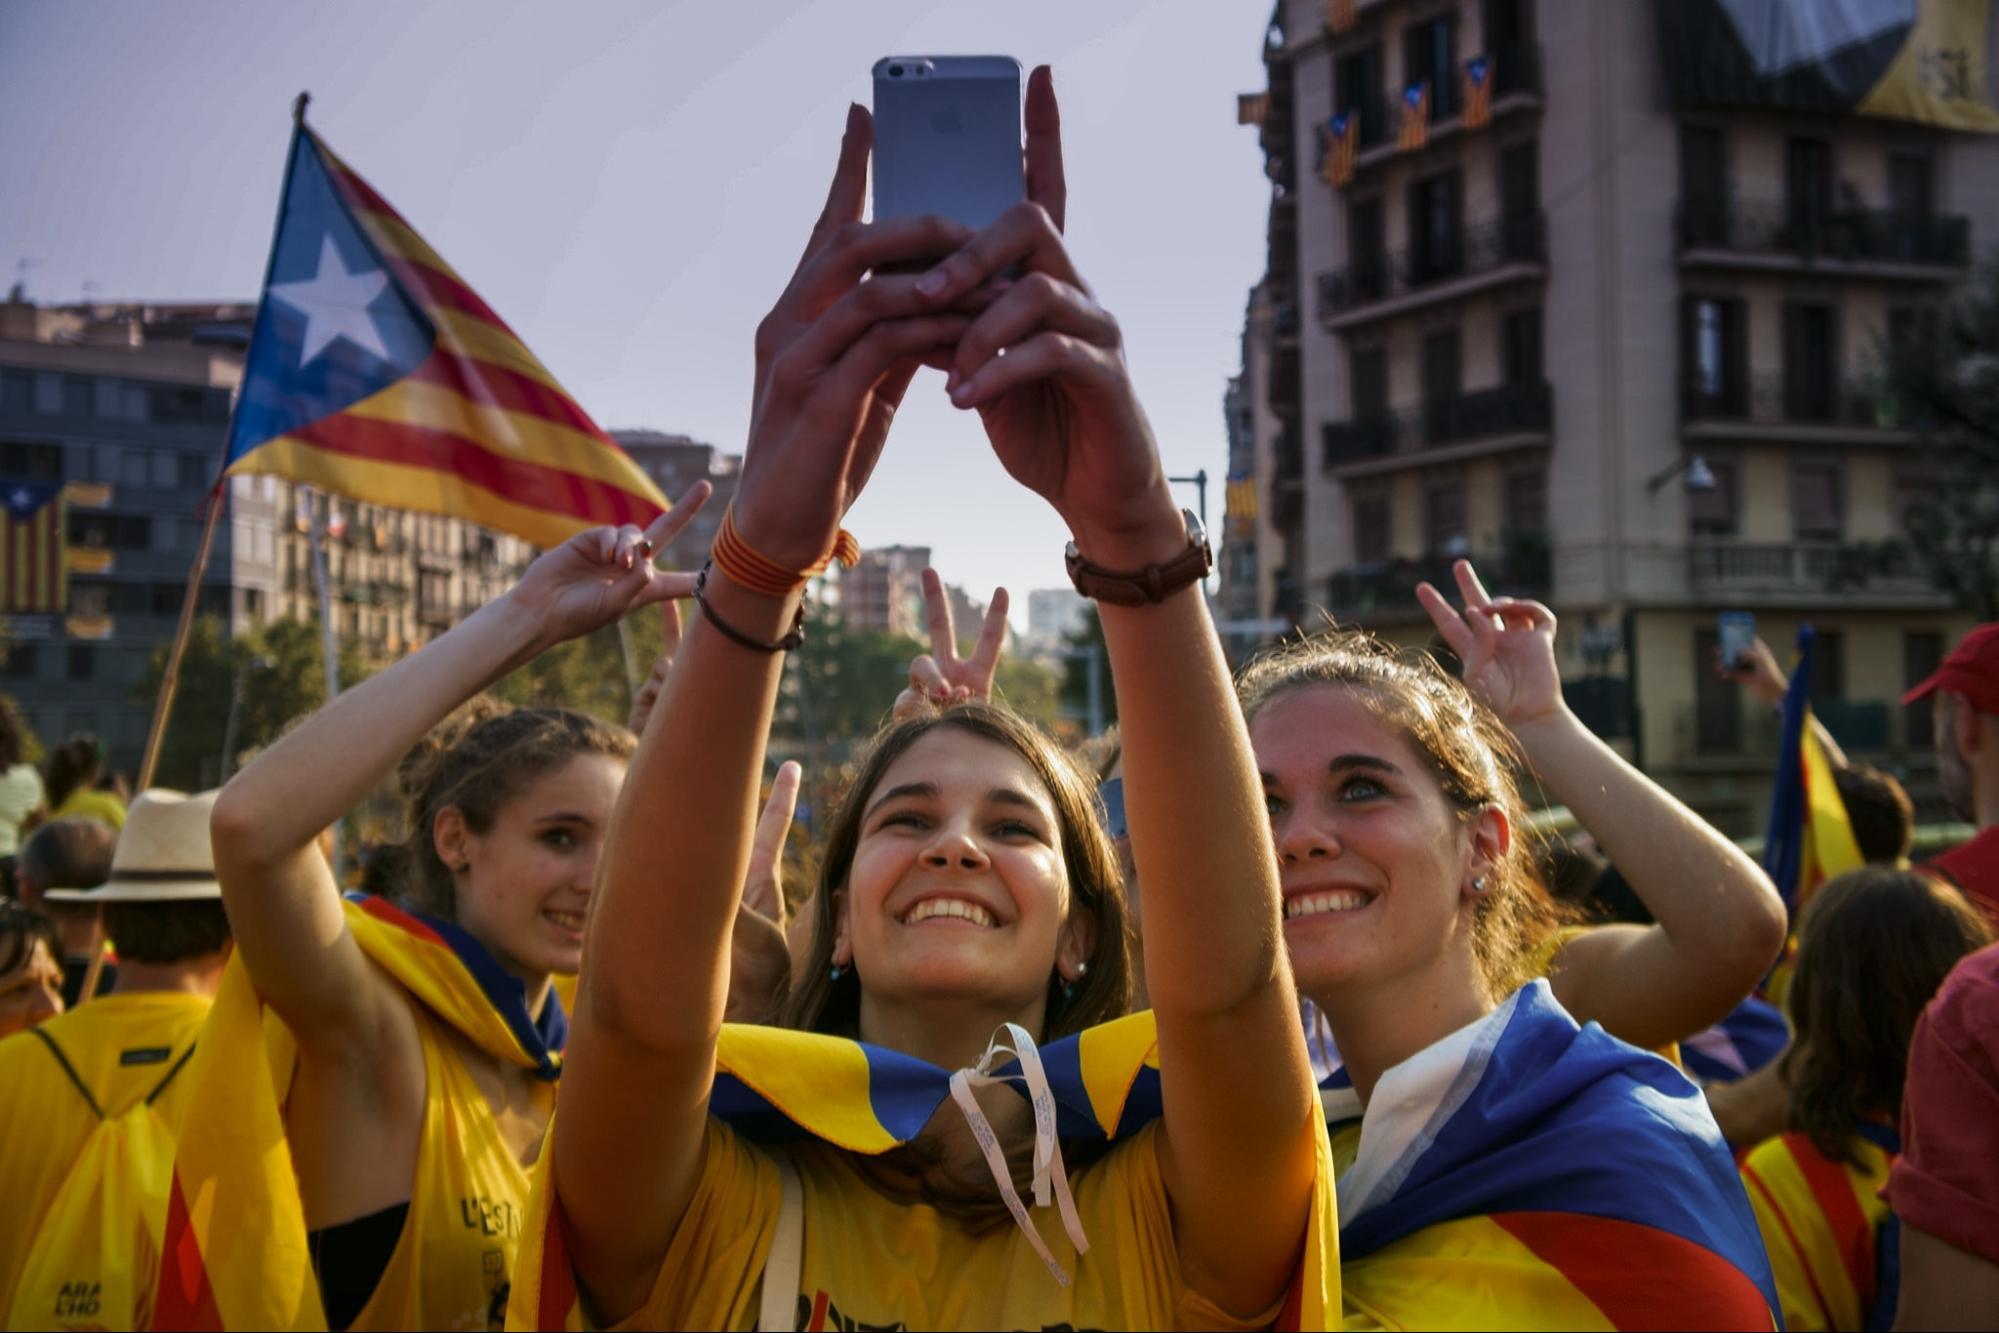 Gli indipendentisti catalani non sono paladini della democrazia